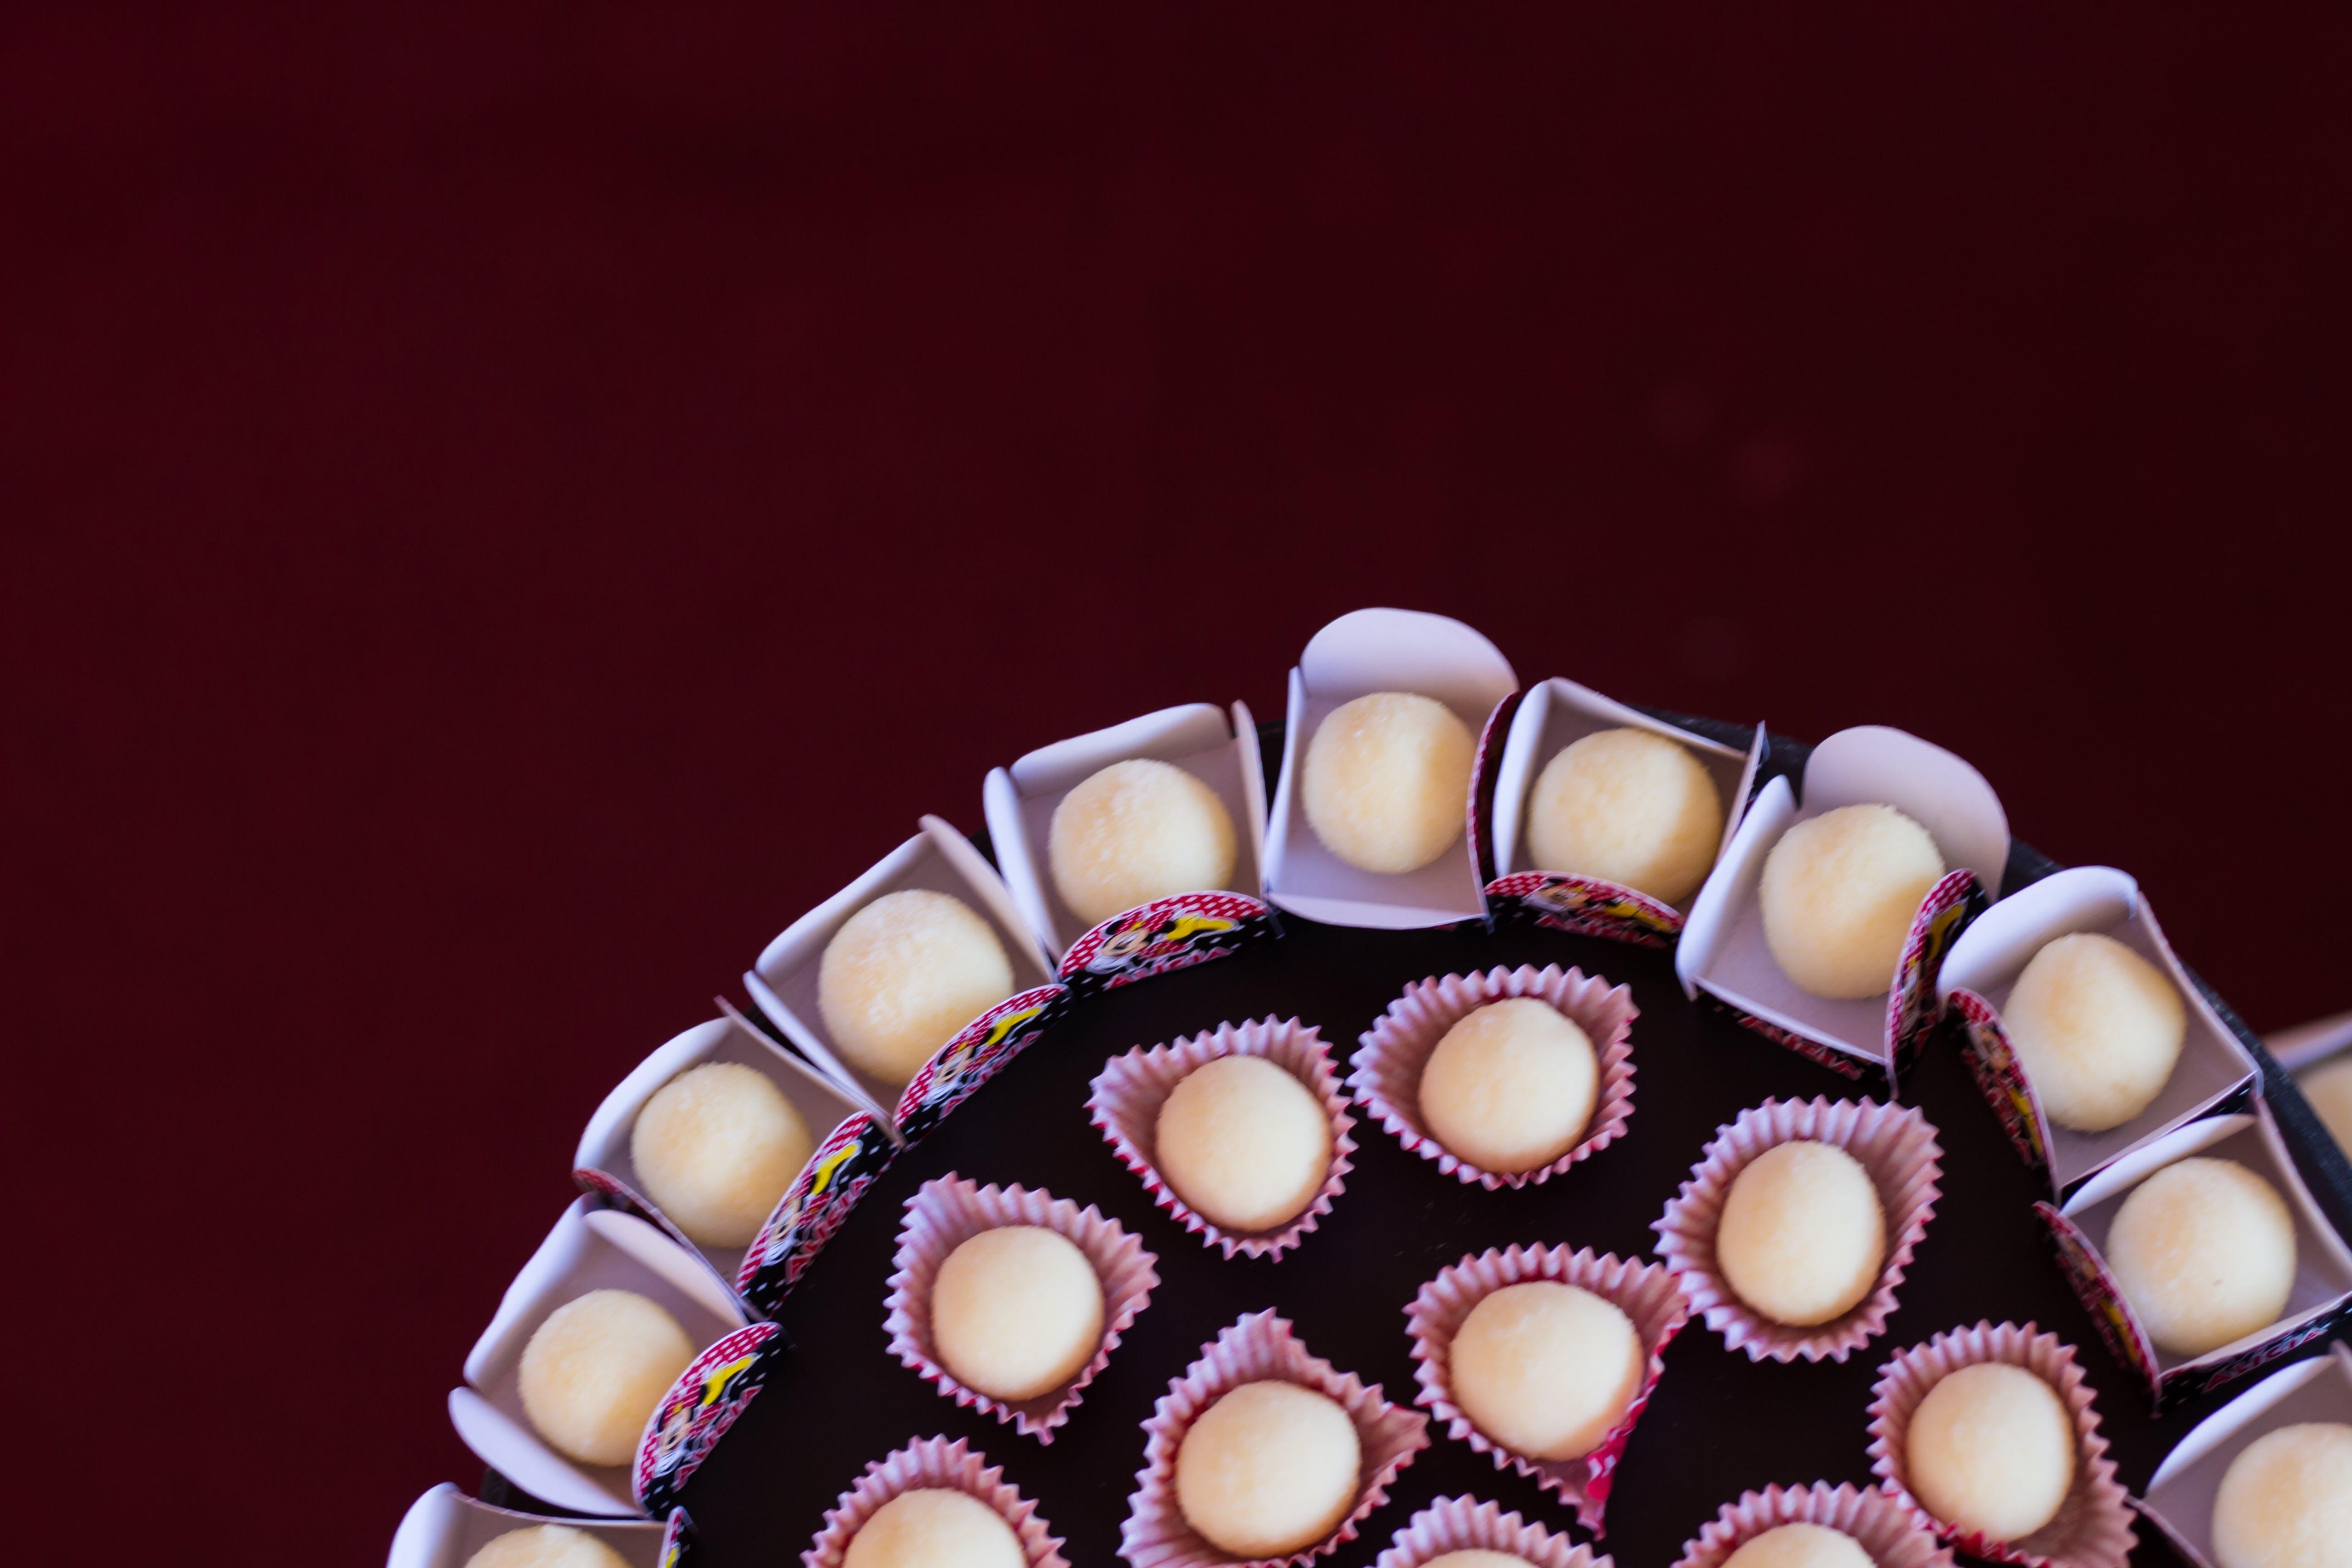 Kostenloses Stock Foto zu geburtstagskuchen, süßigkeiten, süßigkeitenladen